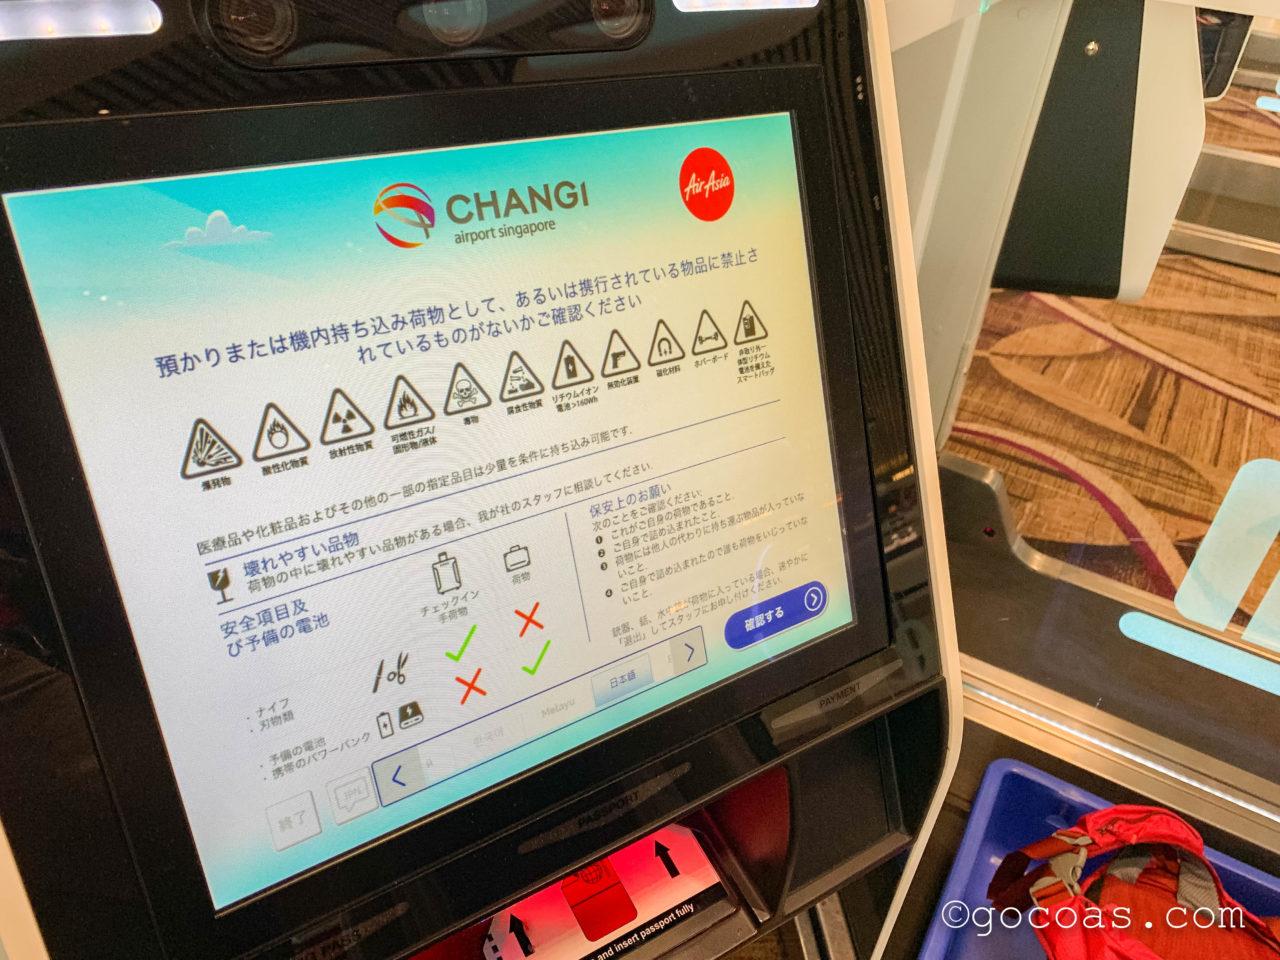 シンガポール・チャンギ国際空港の預け荷物受付画面